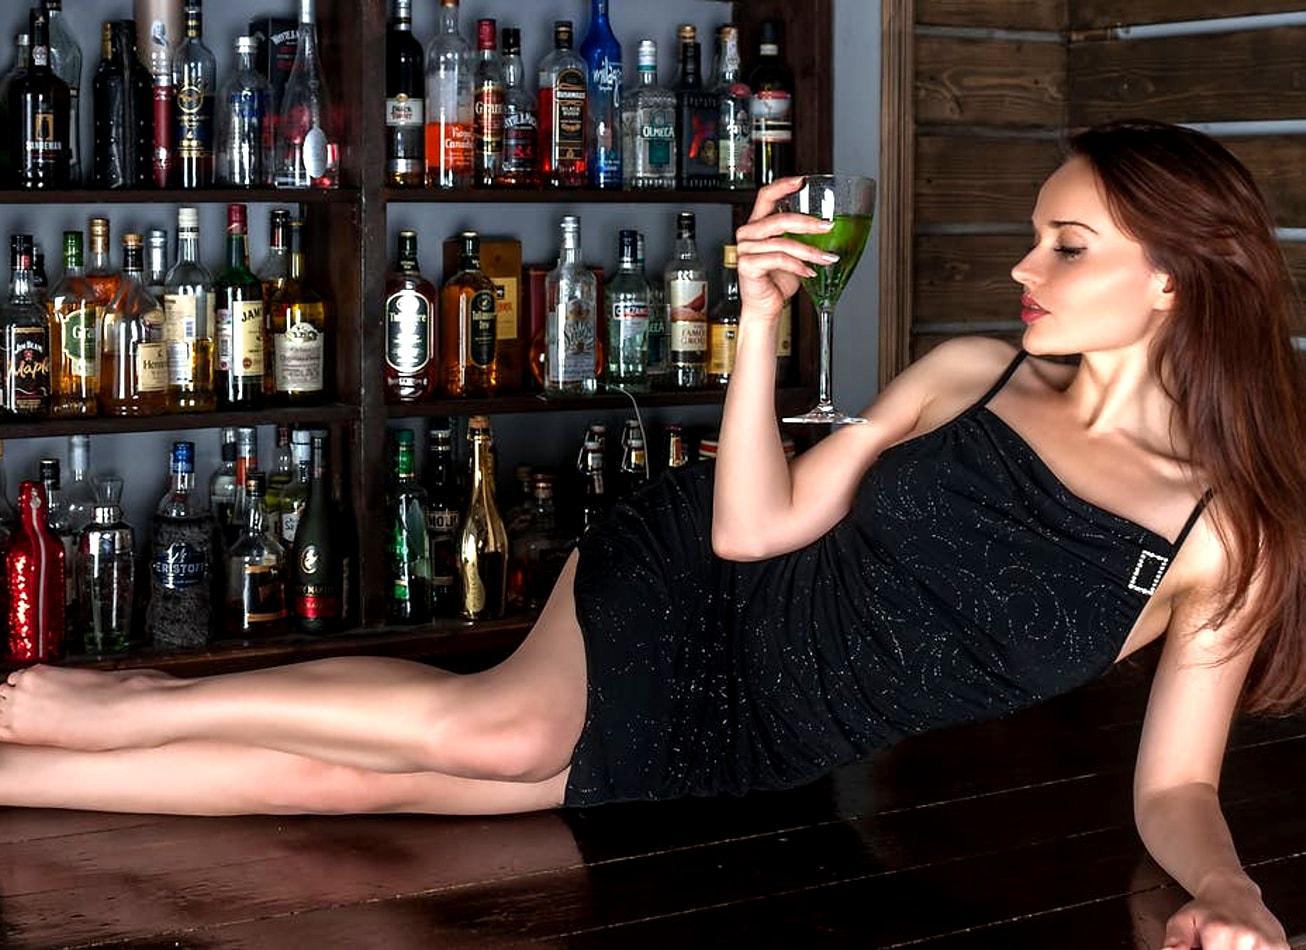 entrée en strip club avec open bar striptease budapest activites vimigo